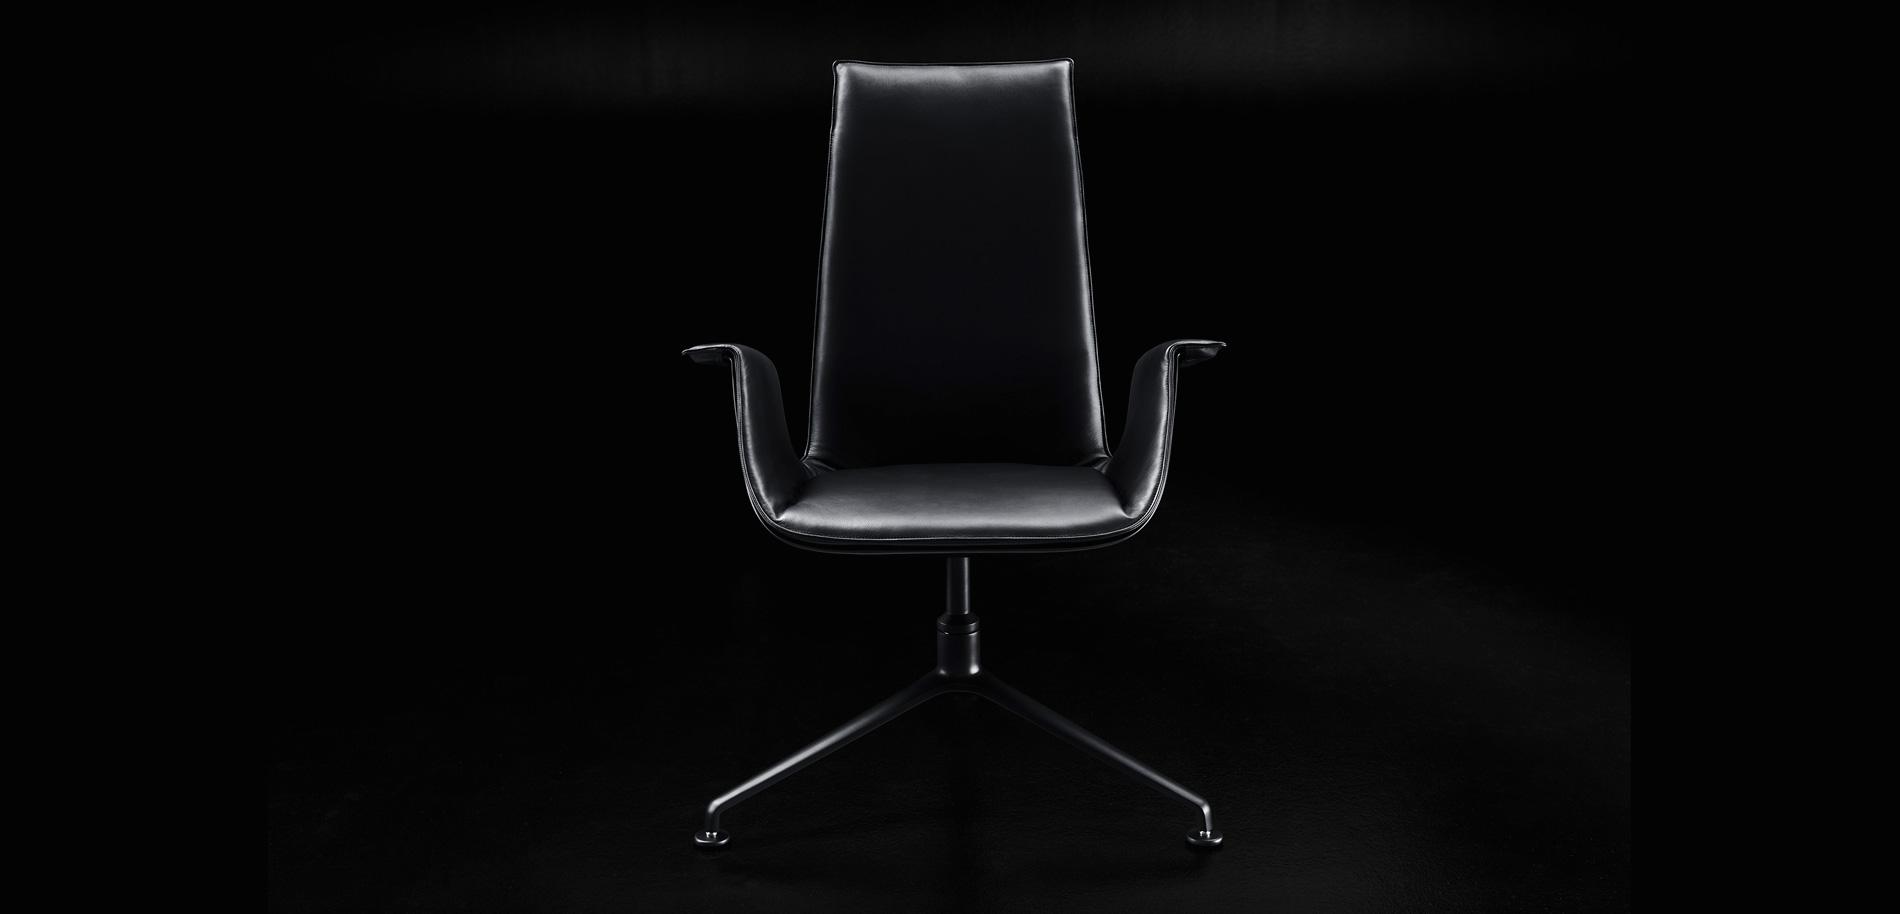 FK Chair von Walter Knoll in der Black Edition.